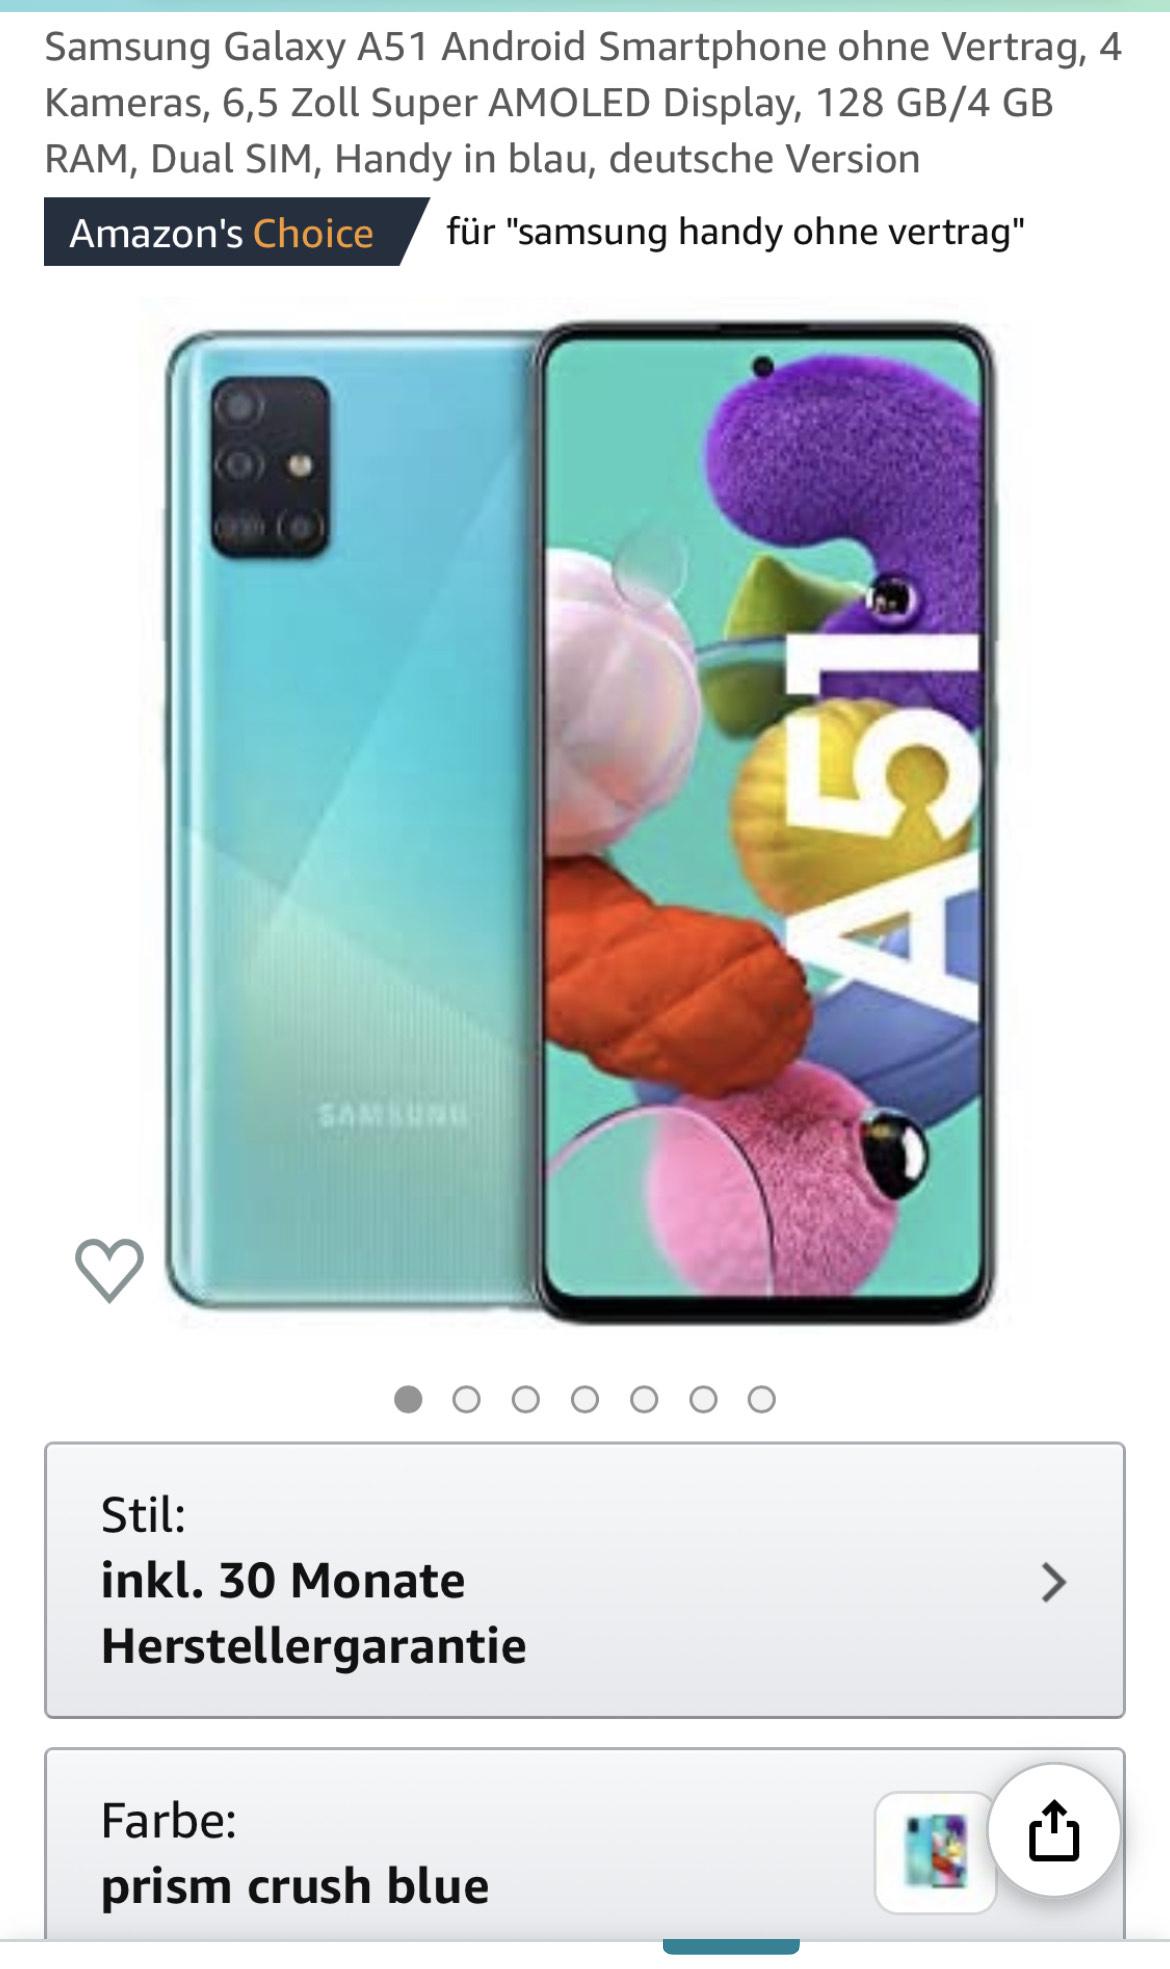 Samsung Galaxy A51 Android Smartphone mit 30 Monaten Garantie